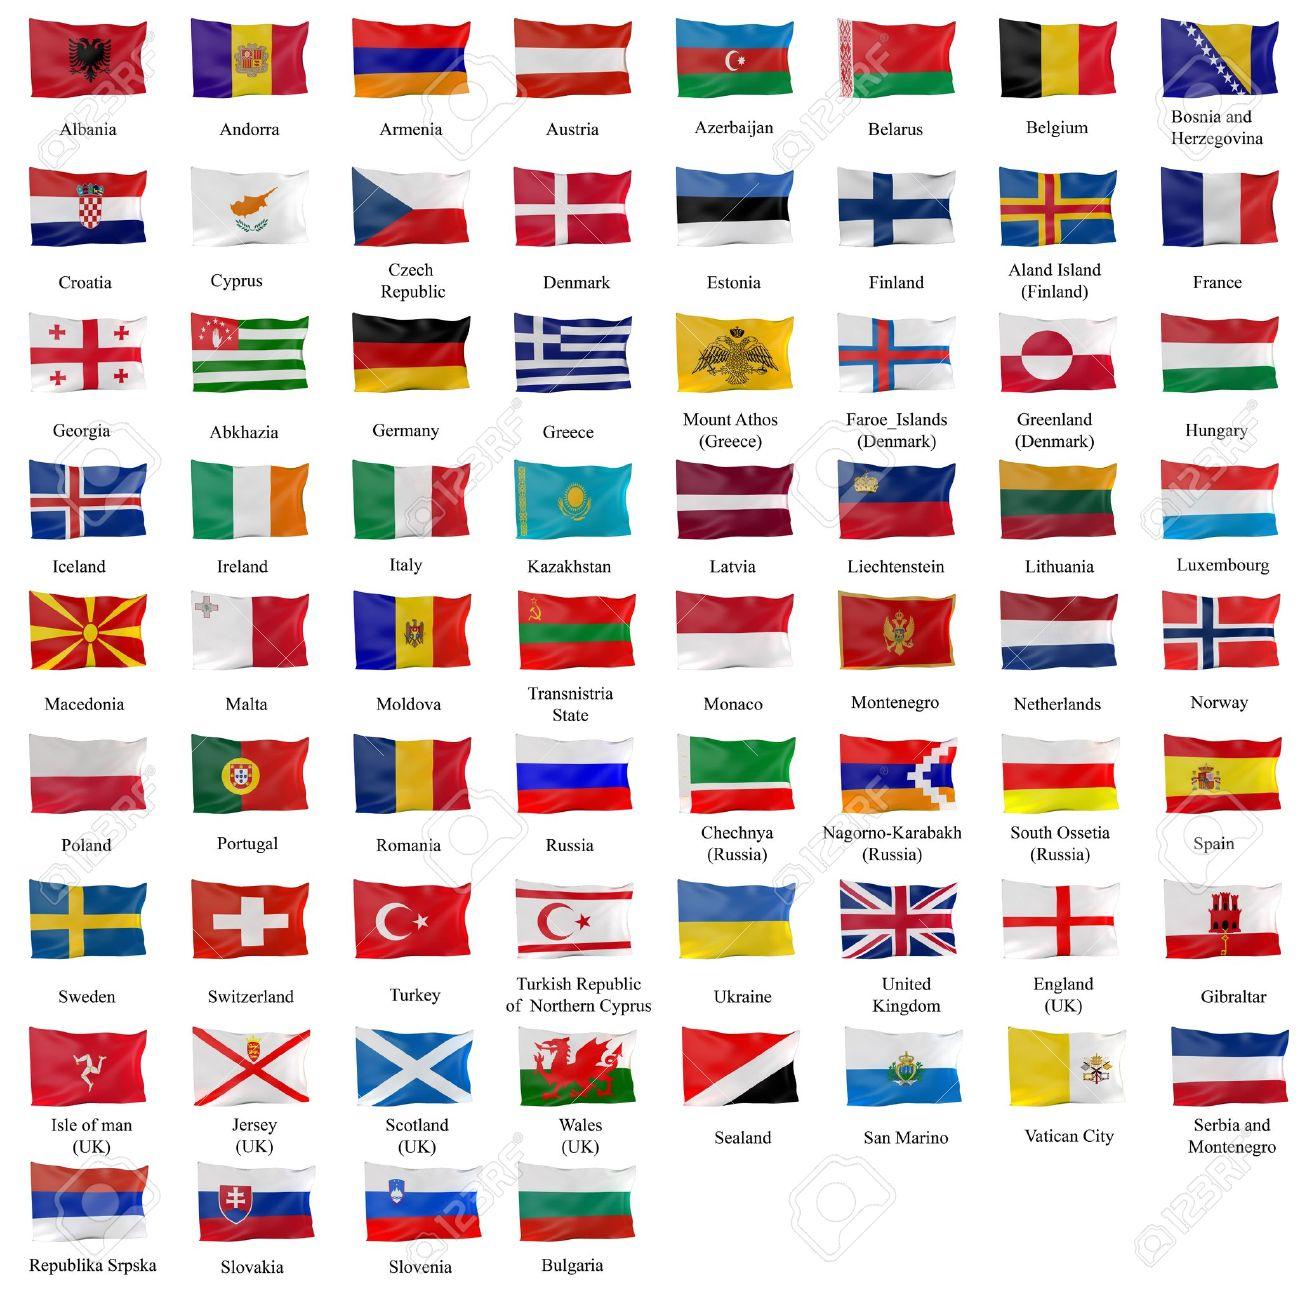 Bandiera estera o bandiera italiana ?